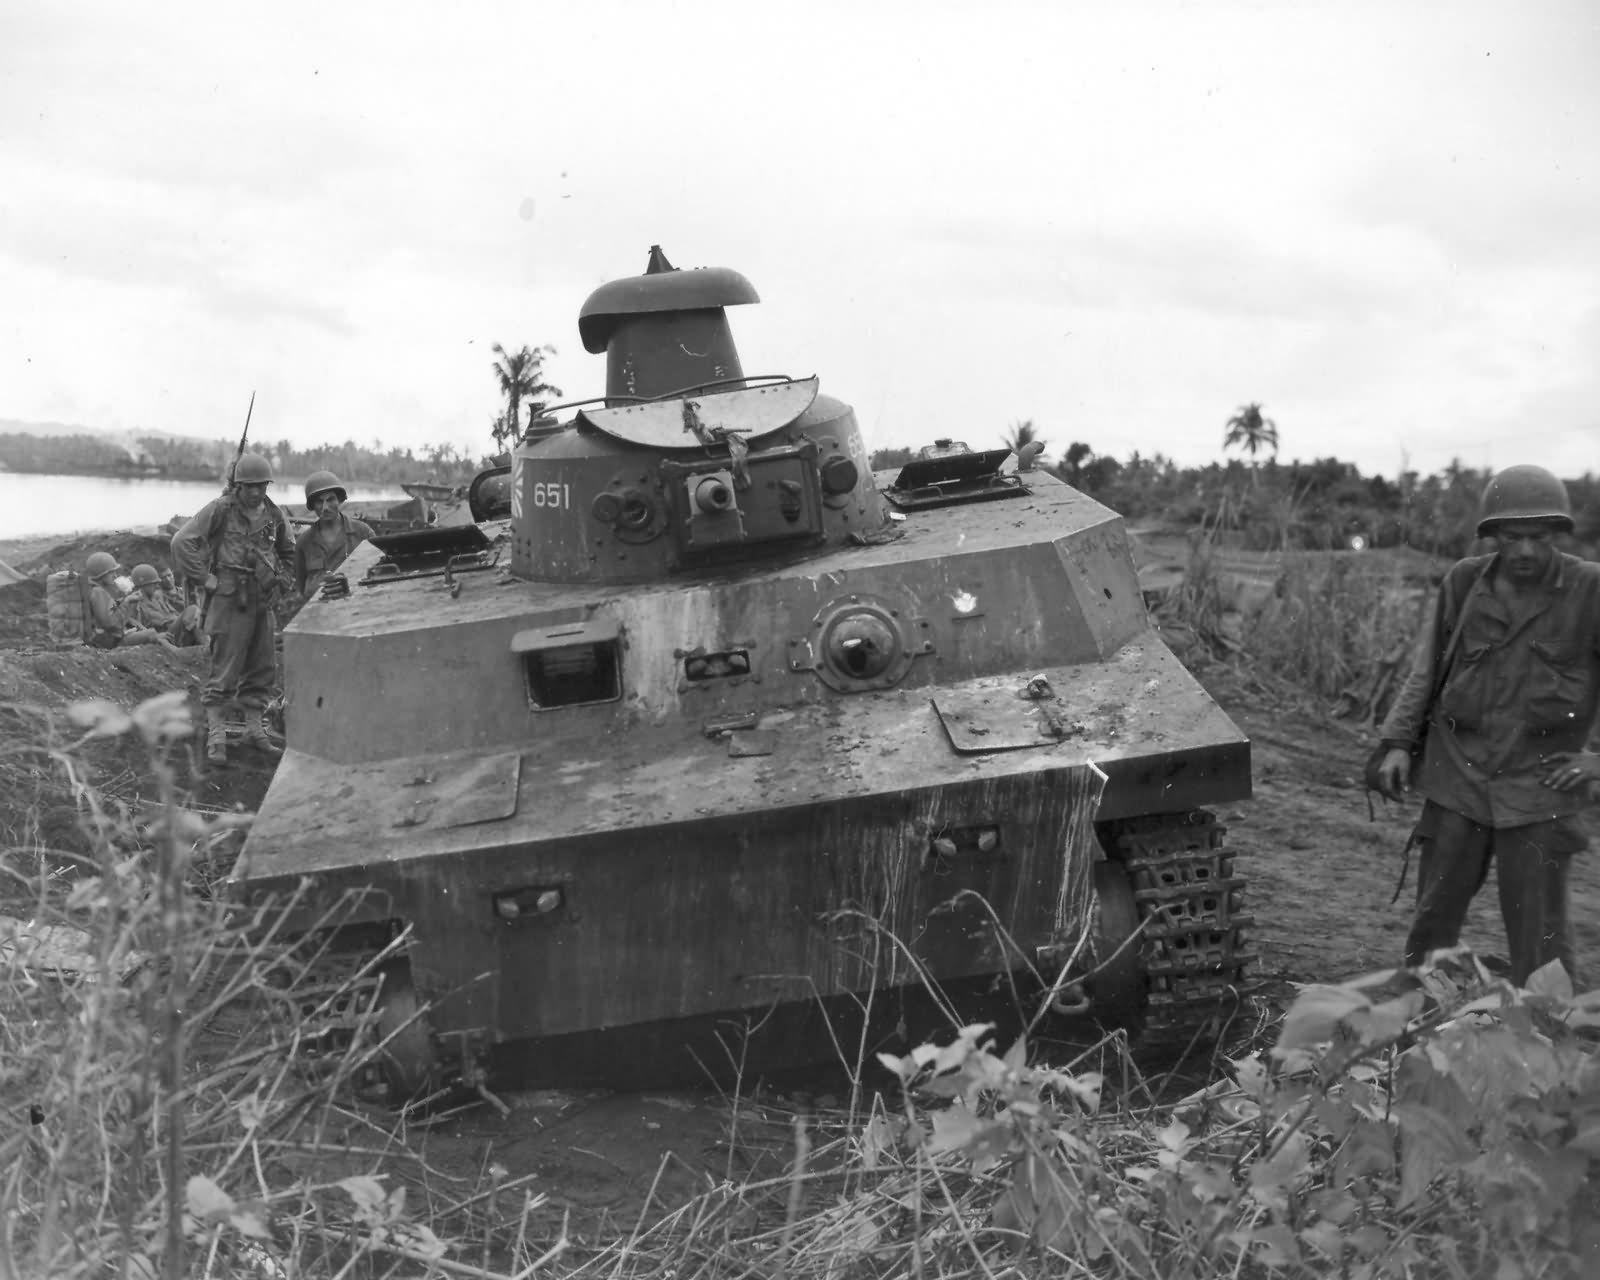 Japanese Ka Mi Amphibous Tank Ormoc Leyte 1945